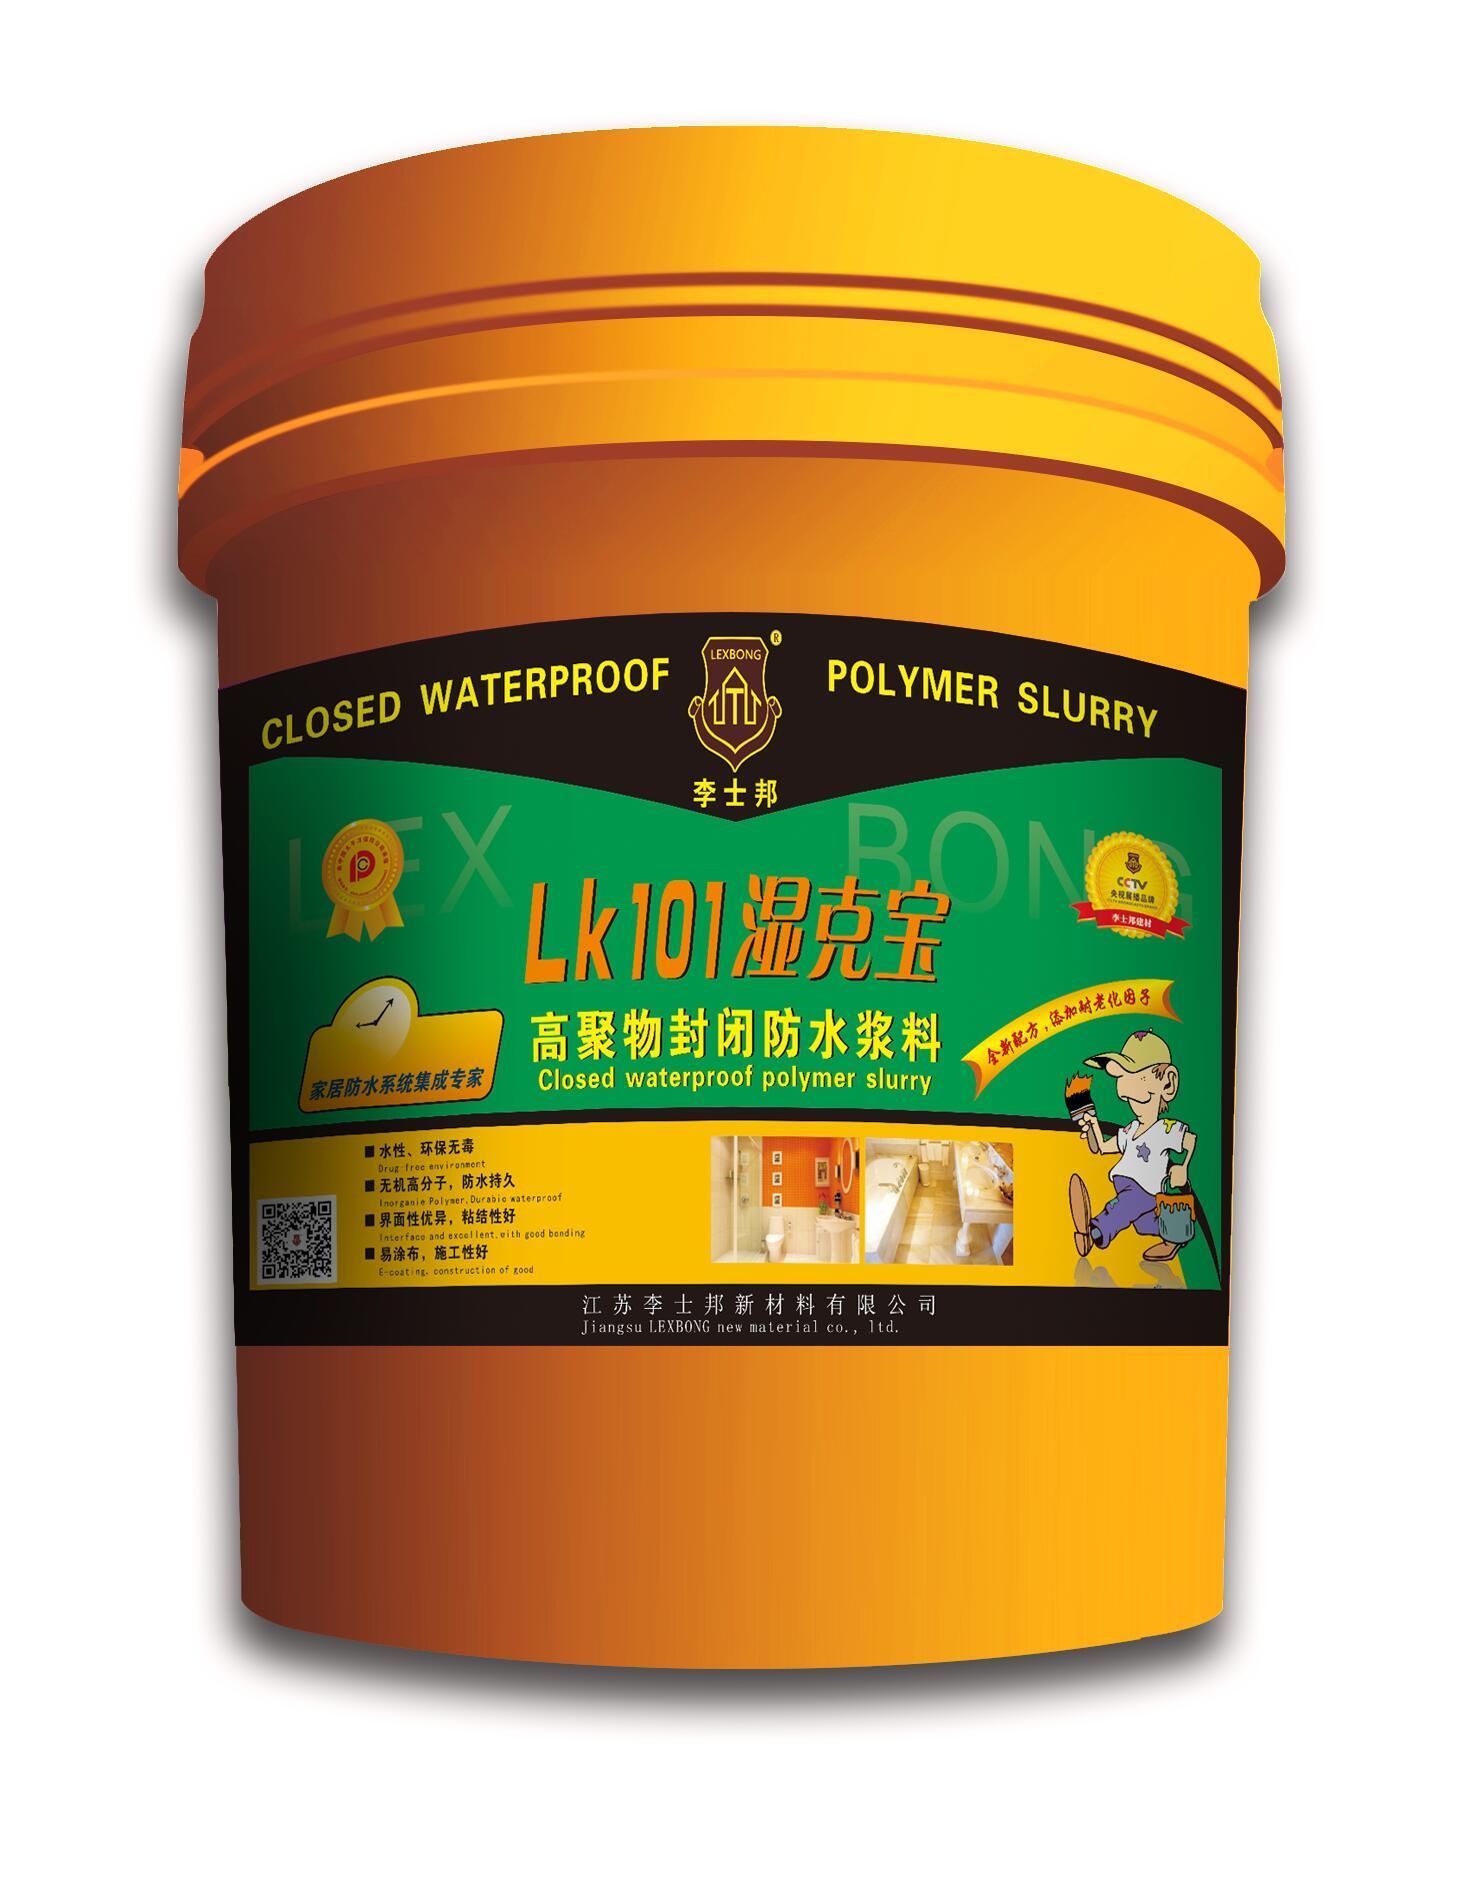 LK101湿克宝--高聚物封闭防水浆料